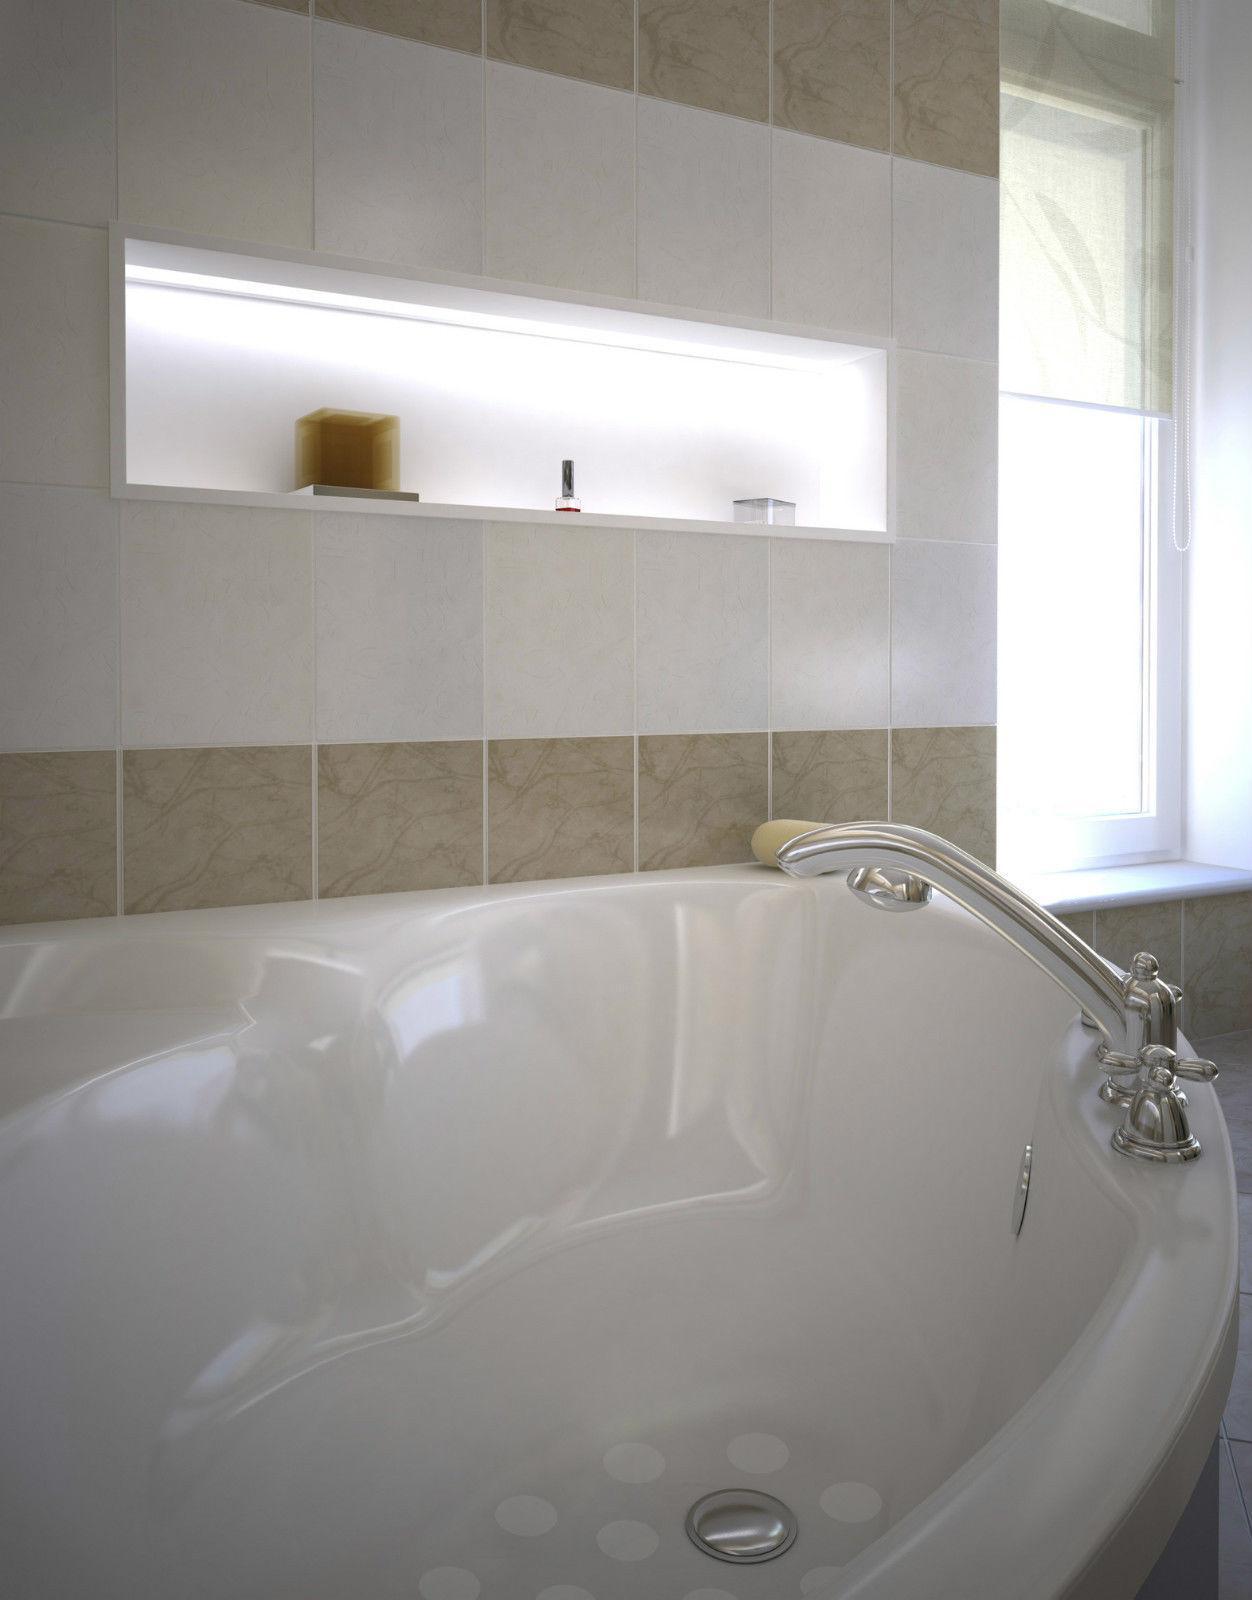 bodendusche swalif. Black Bedroom Furniture Sets. Home Design Ideas